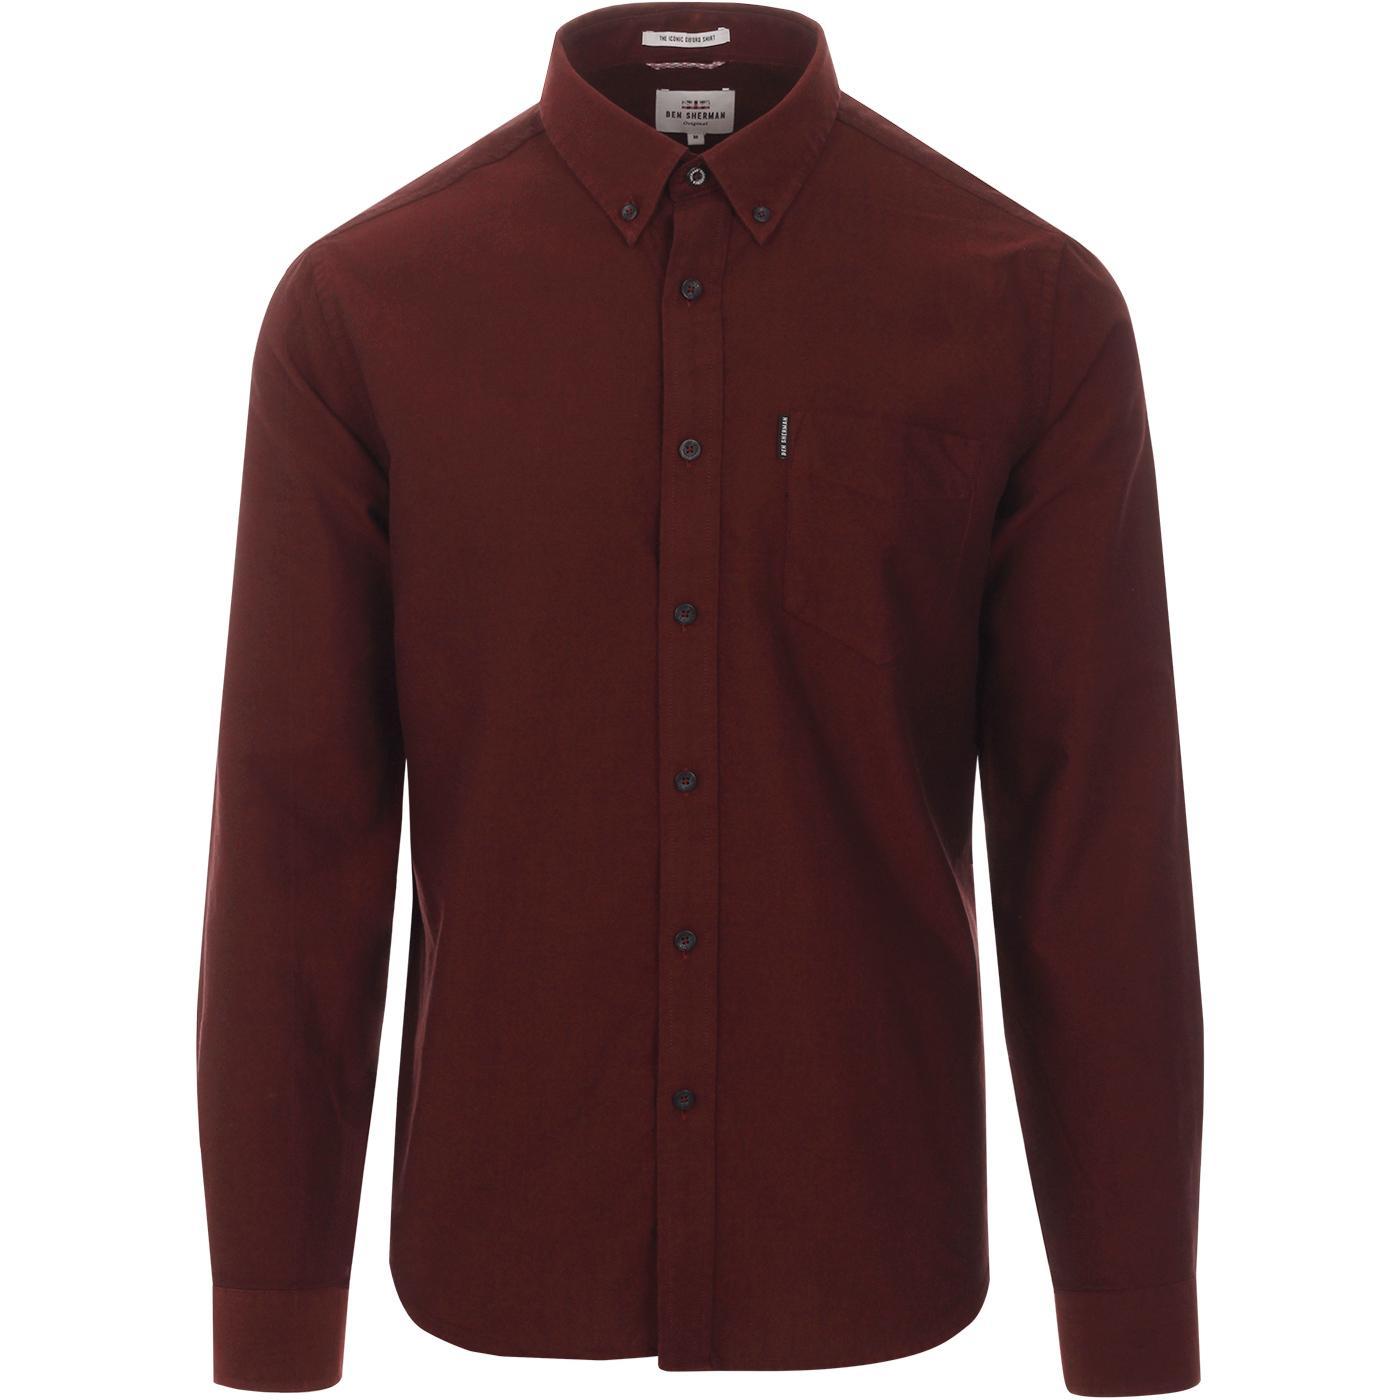 BEN SHERMAN Mod Button Down Oxford Shirt BROWN